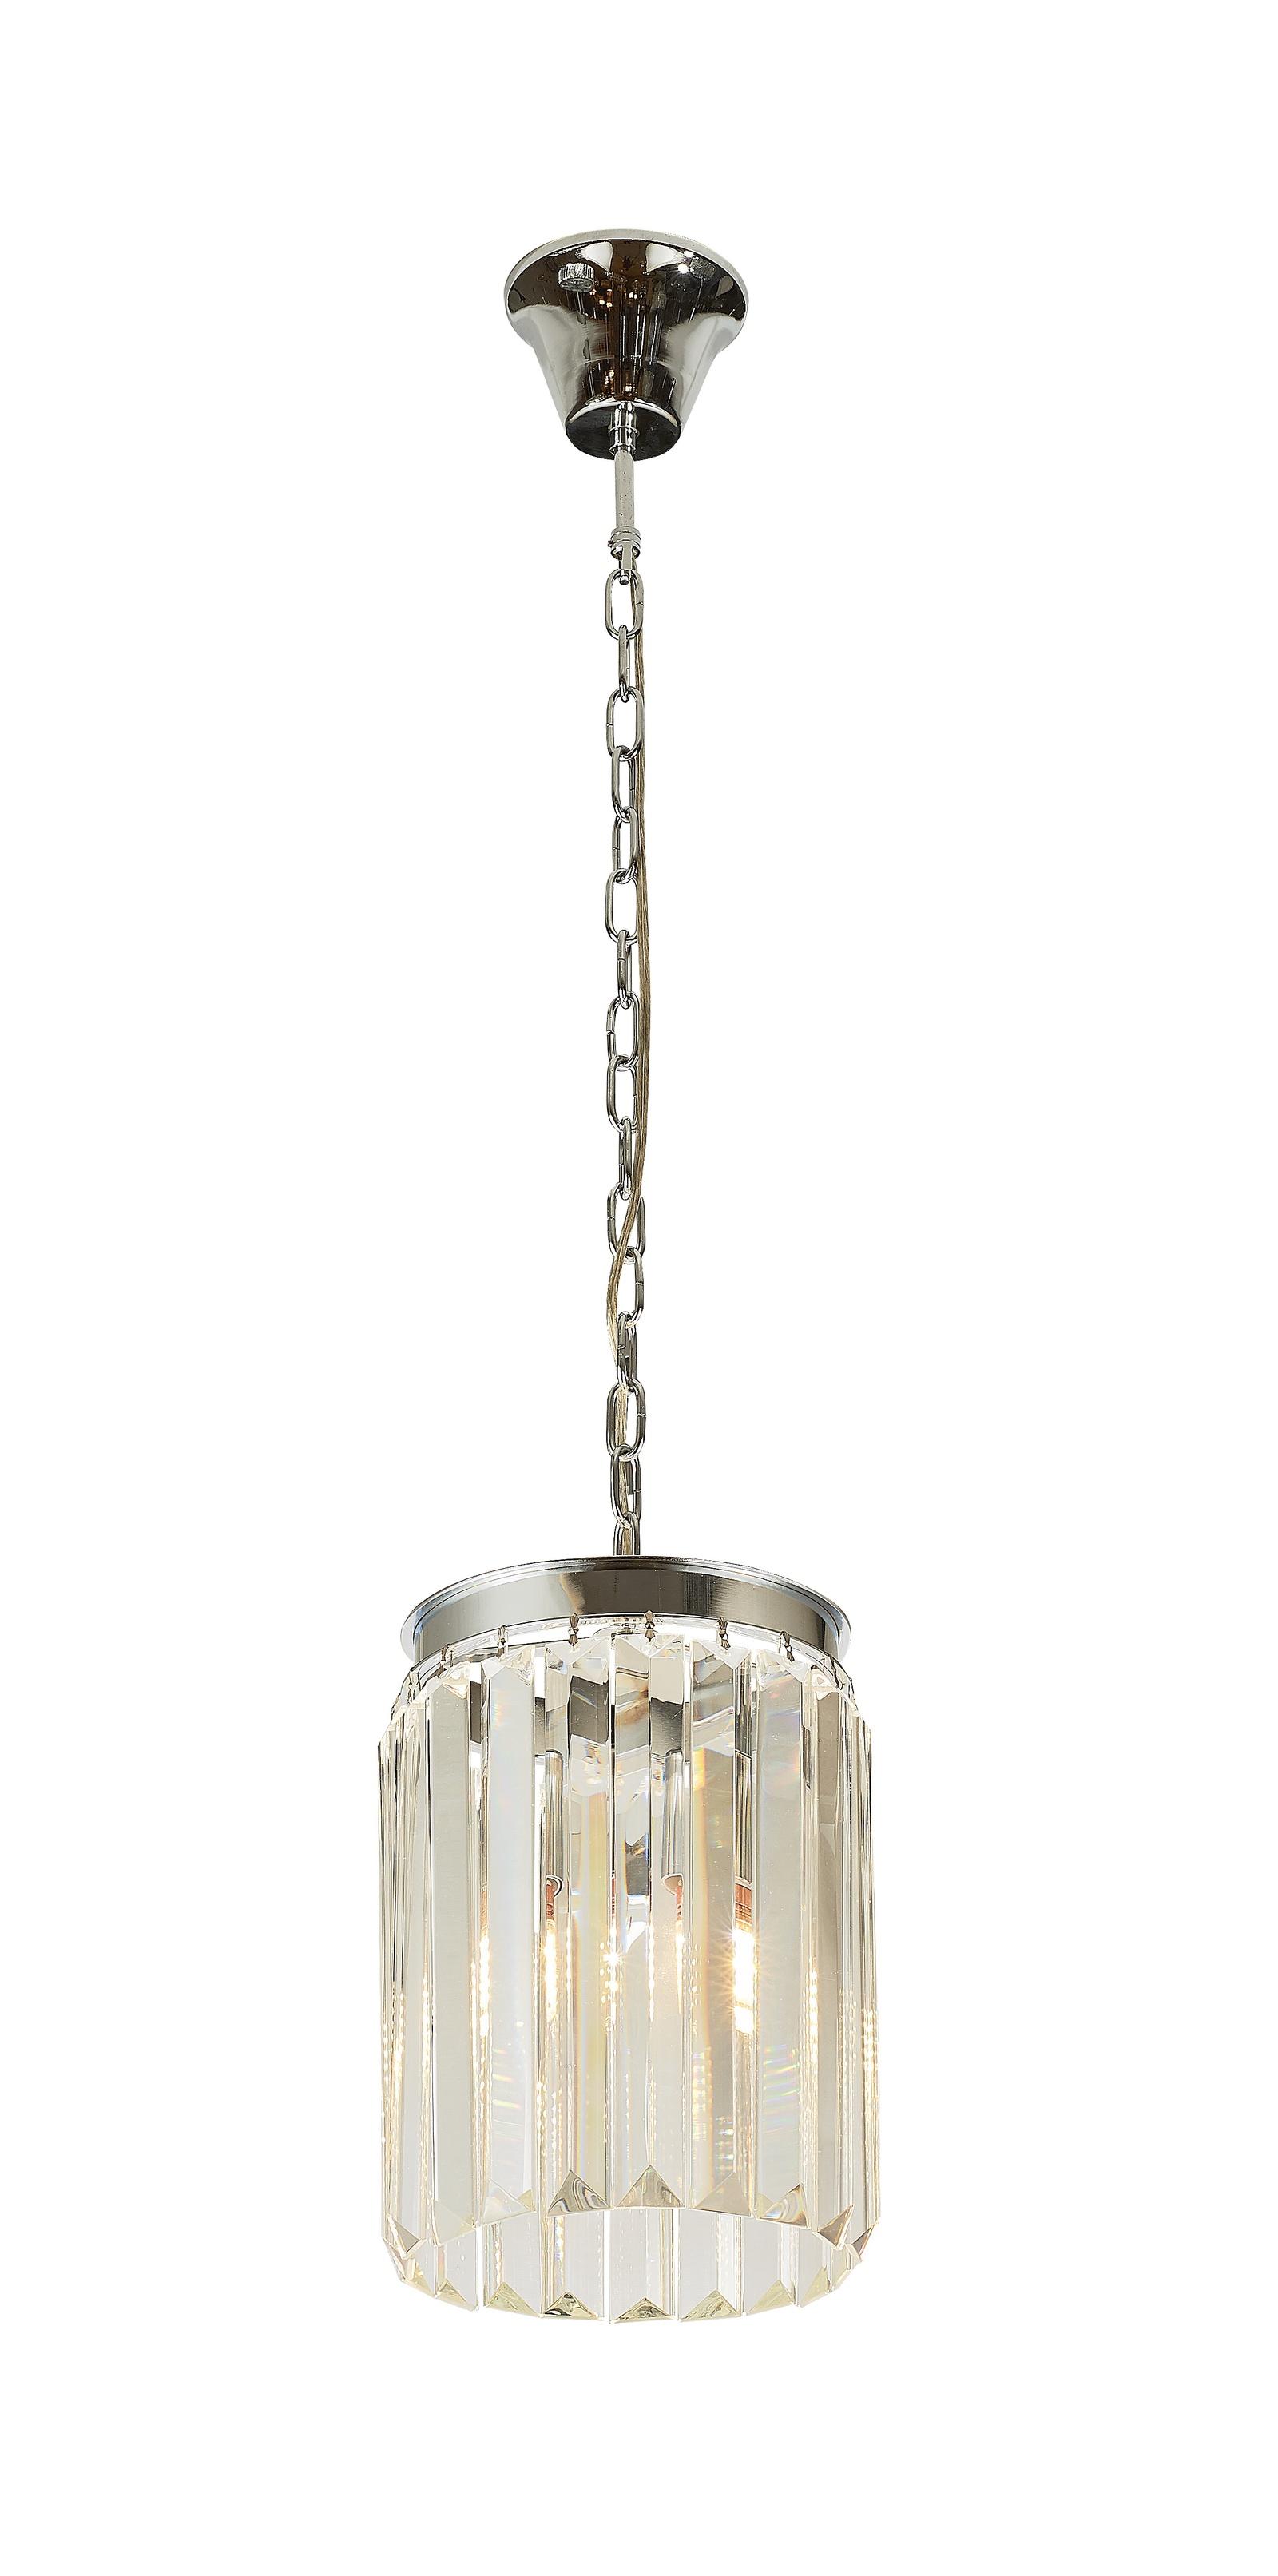 Подвесной светильник Divinare 3001/02 SP-1, серый металлик подвесной светильник divinare 1157 01 sp 2 серый металлик